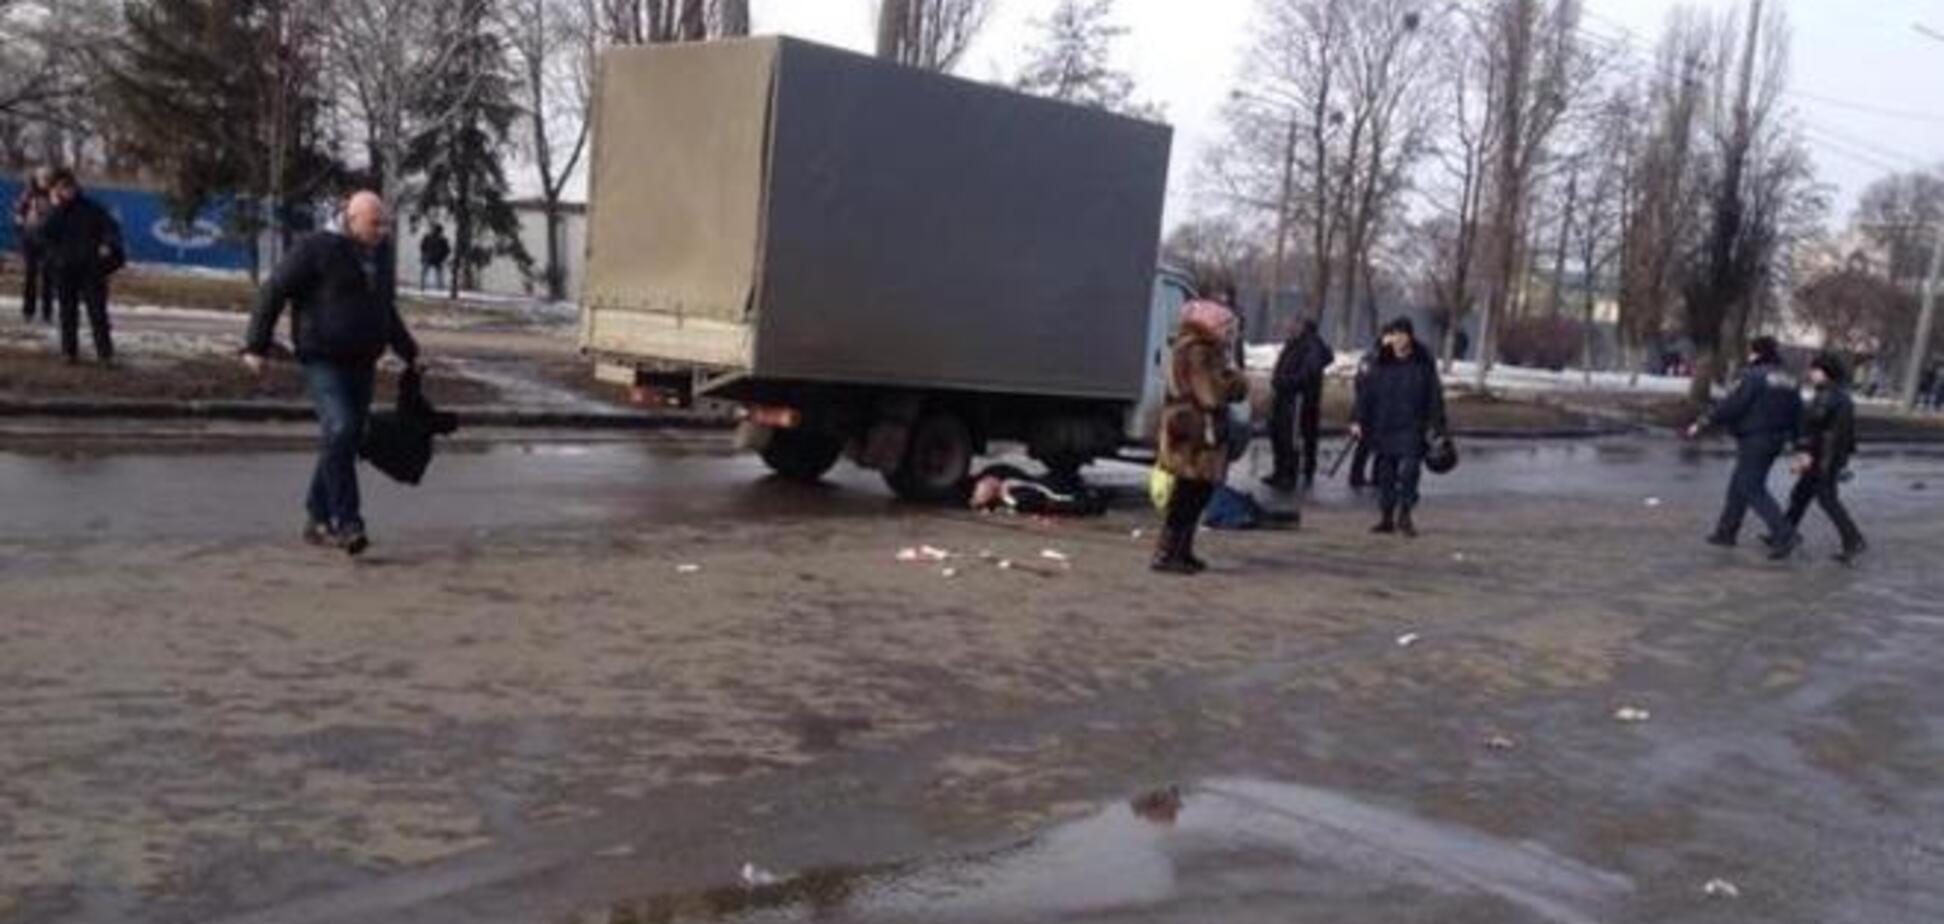 Скончался пострадавший во время теракта в Харькове 15-летний подросток